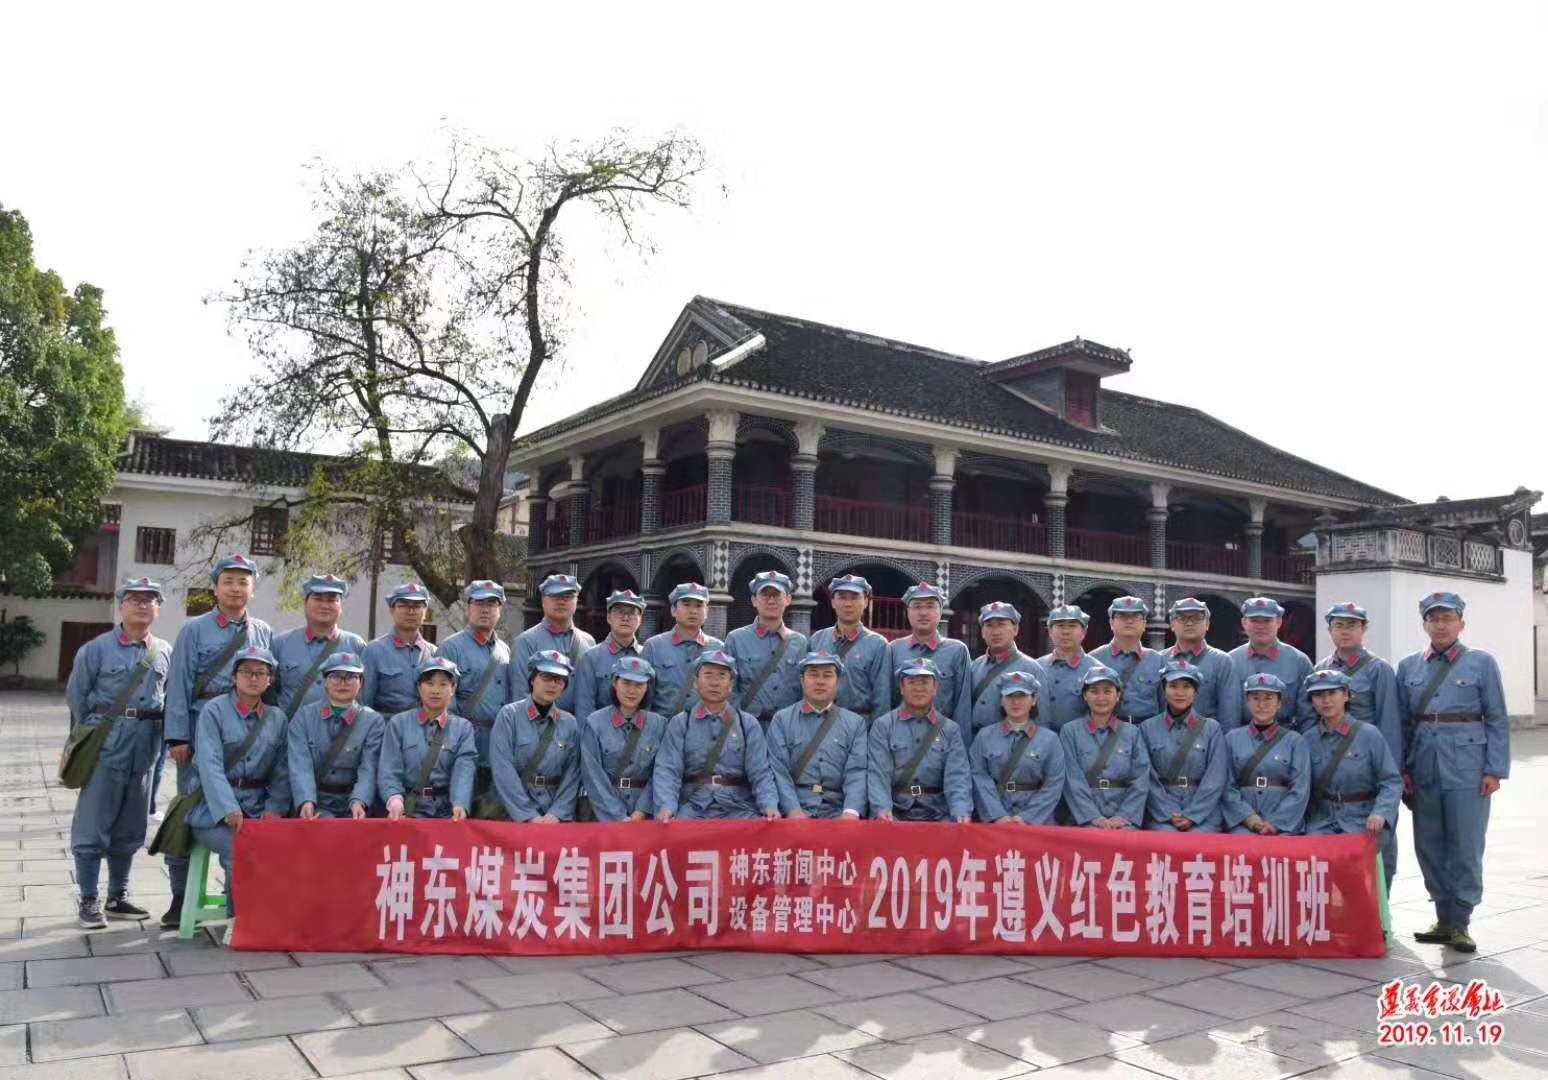 神东煤炭集团公司(神东新闻中心、设备管理中心)2019年遵义红色教育培训班